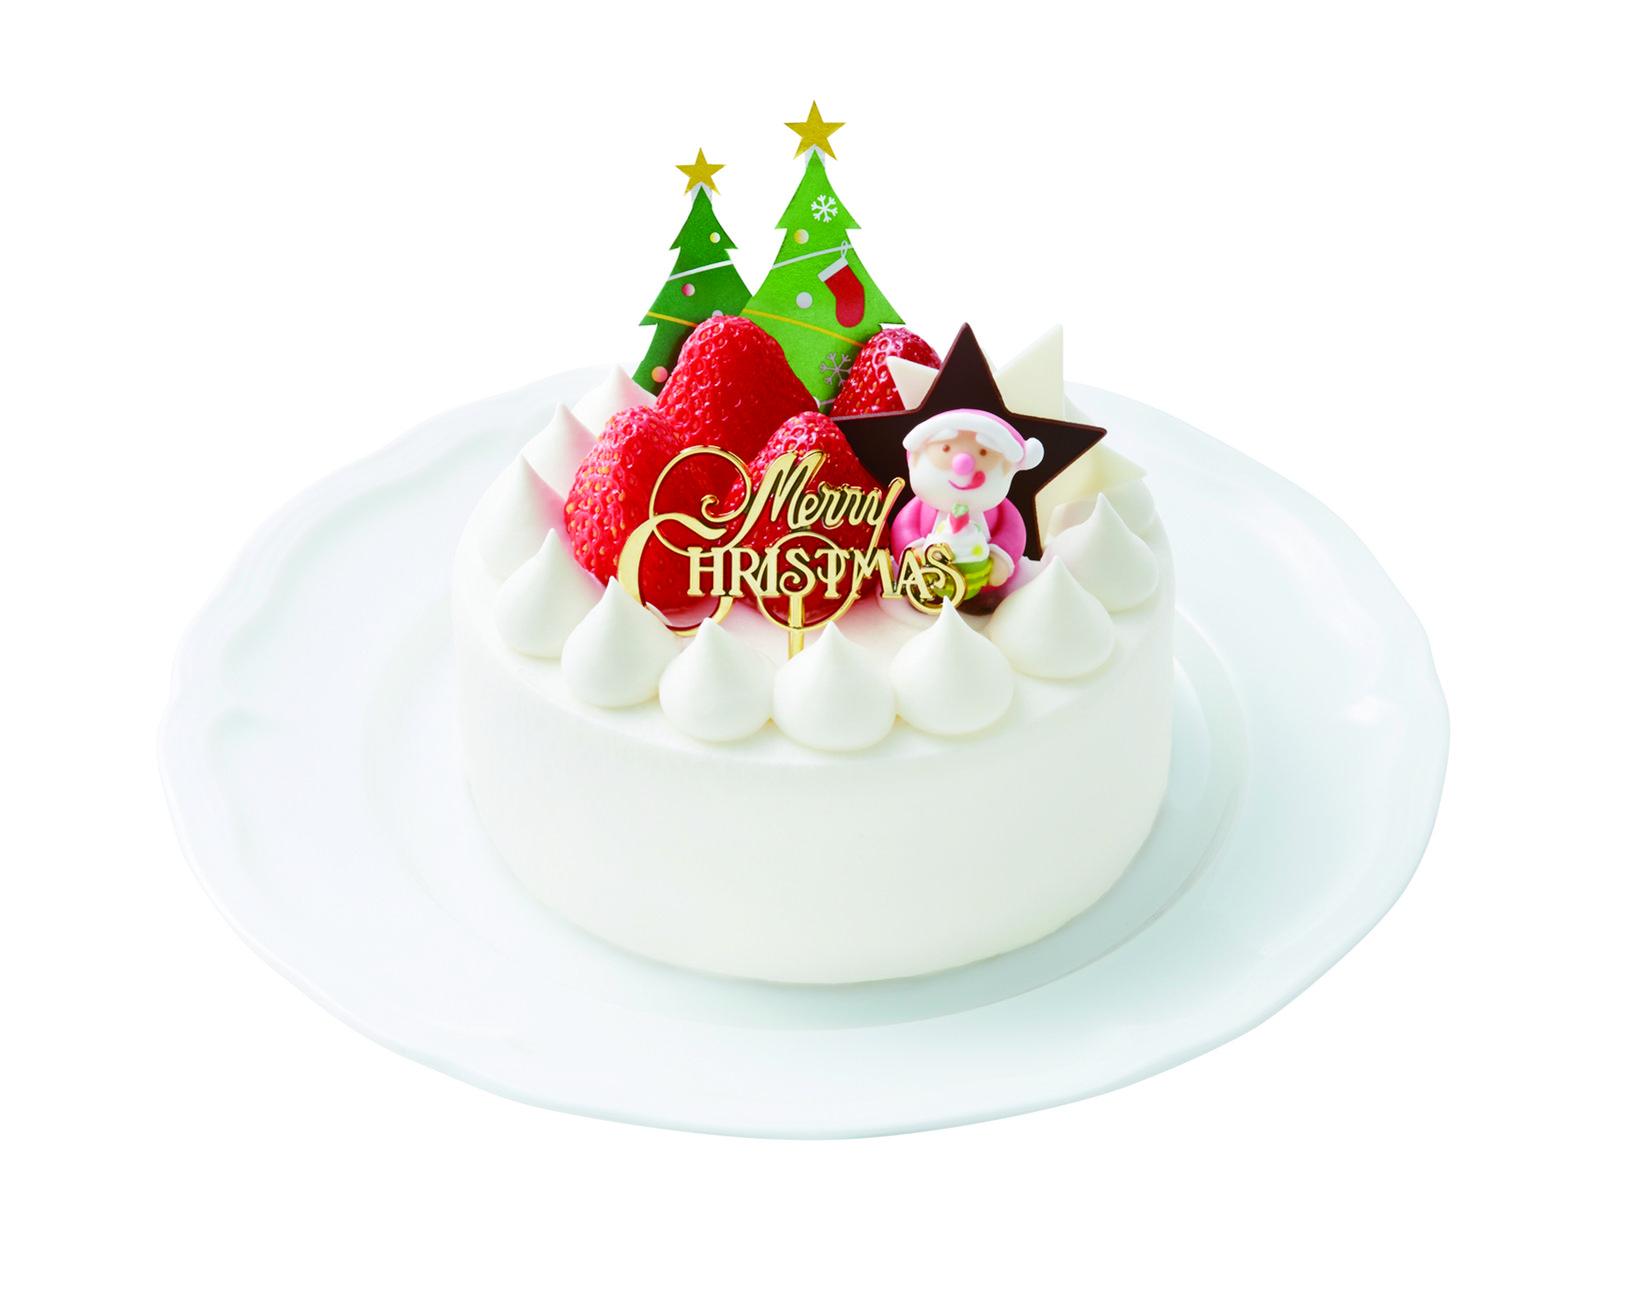 香林坊大和 地階クリスマスケーキ特設コーナー